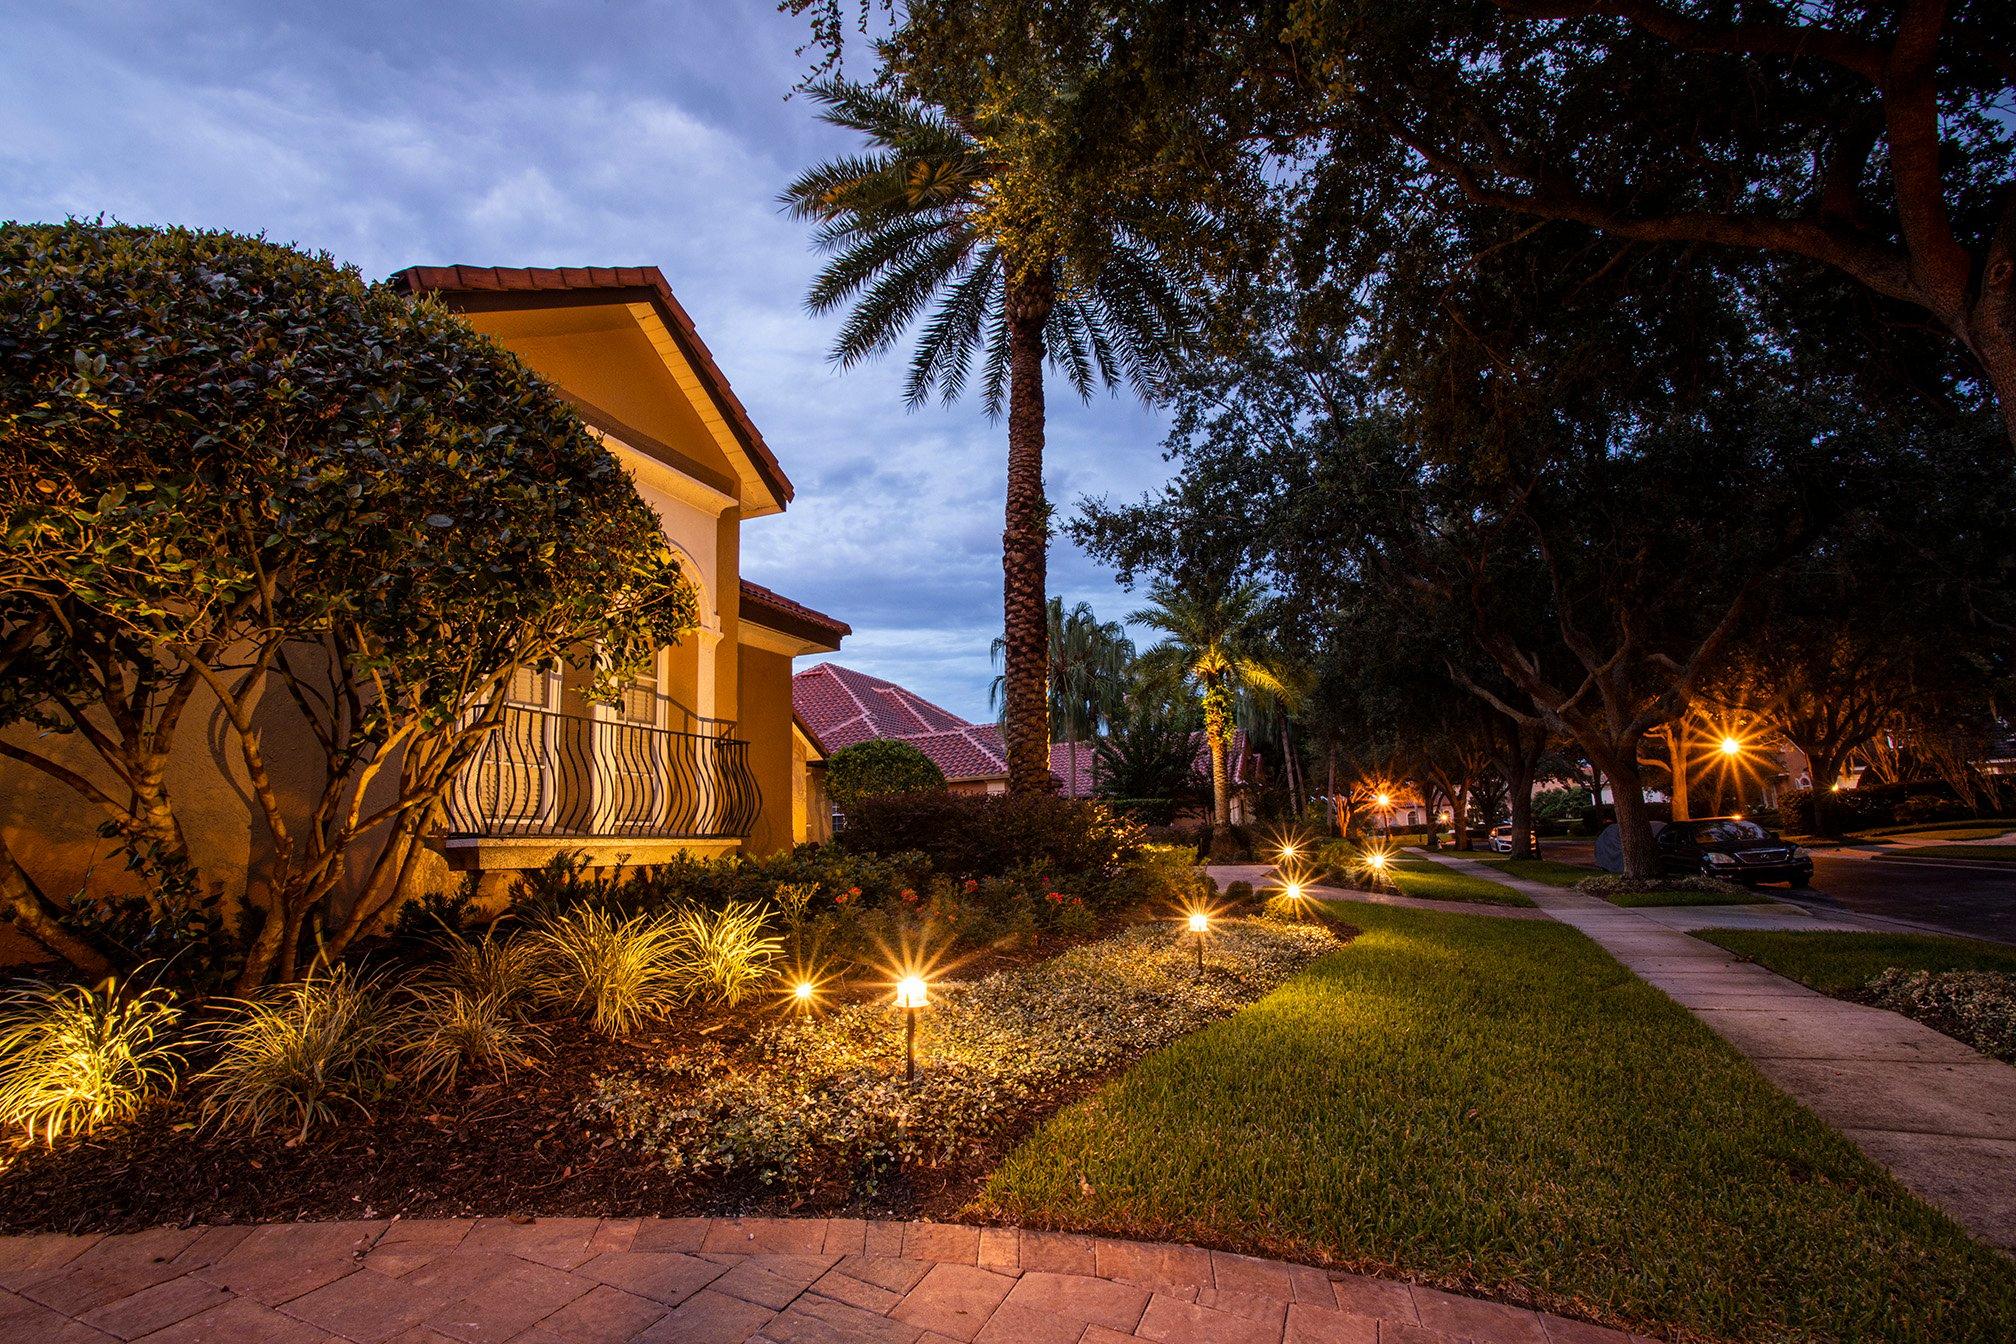 Landscape lighting enhancing plants